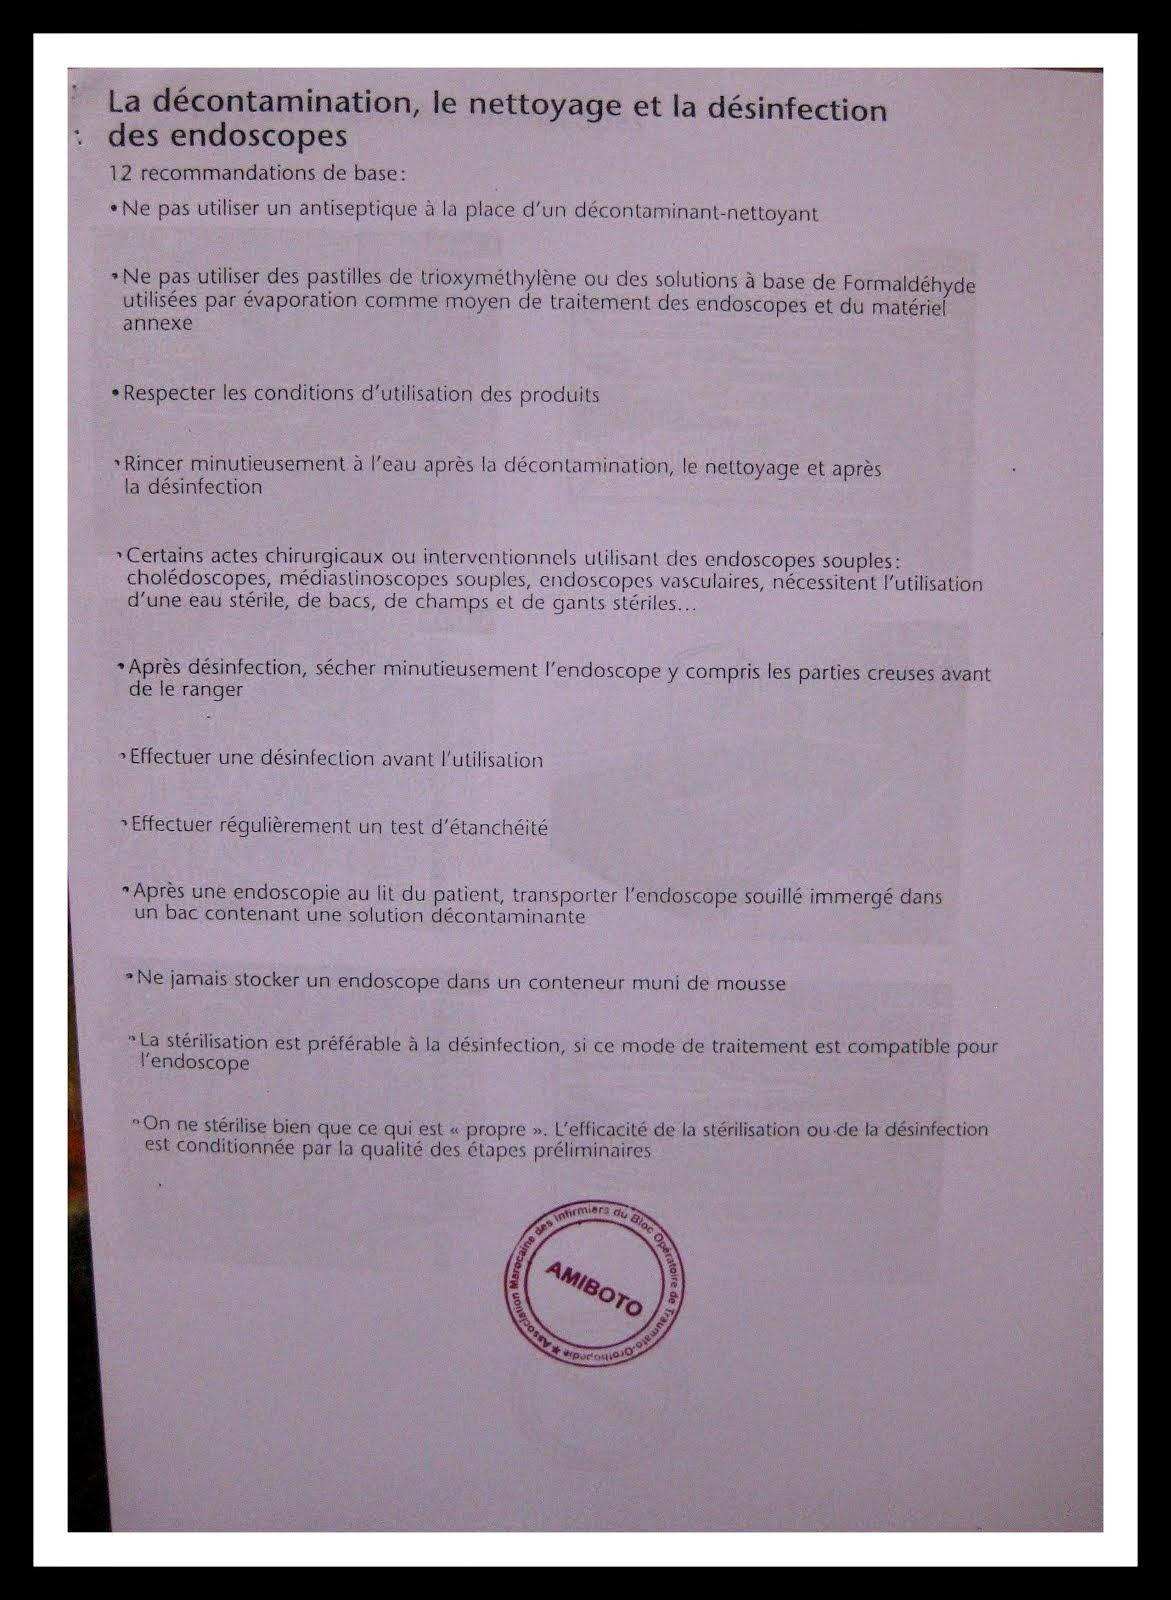 PROTOCOLE DE TRAITEMENT DES ENDOSCOPIES